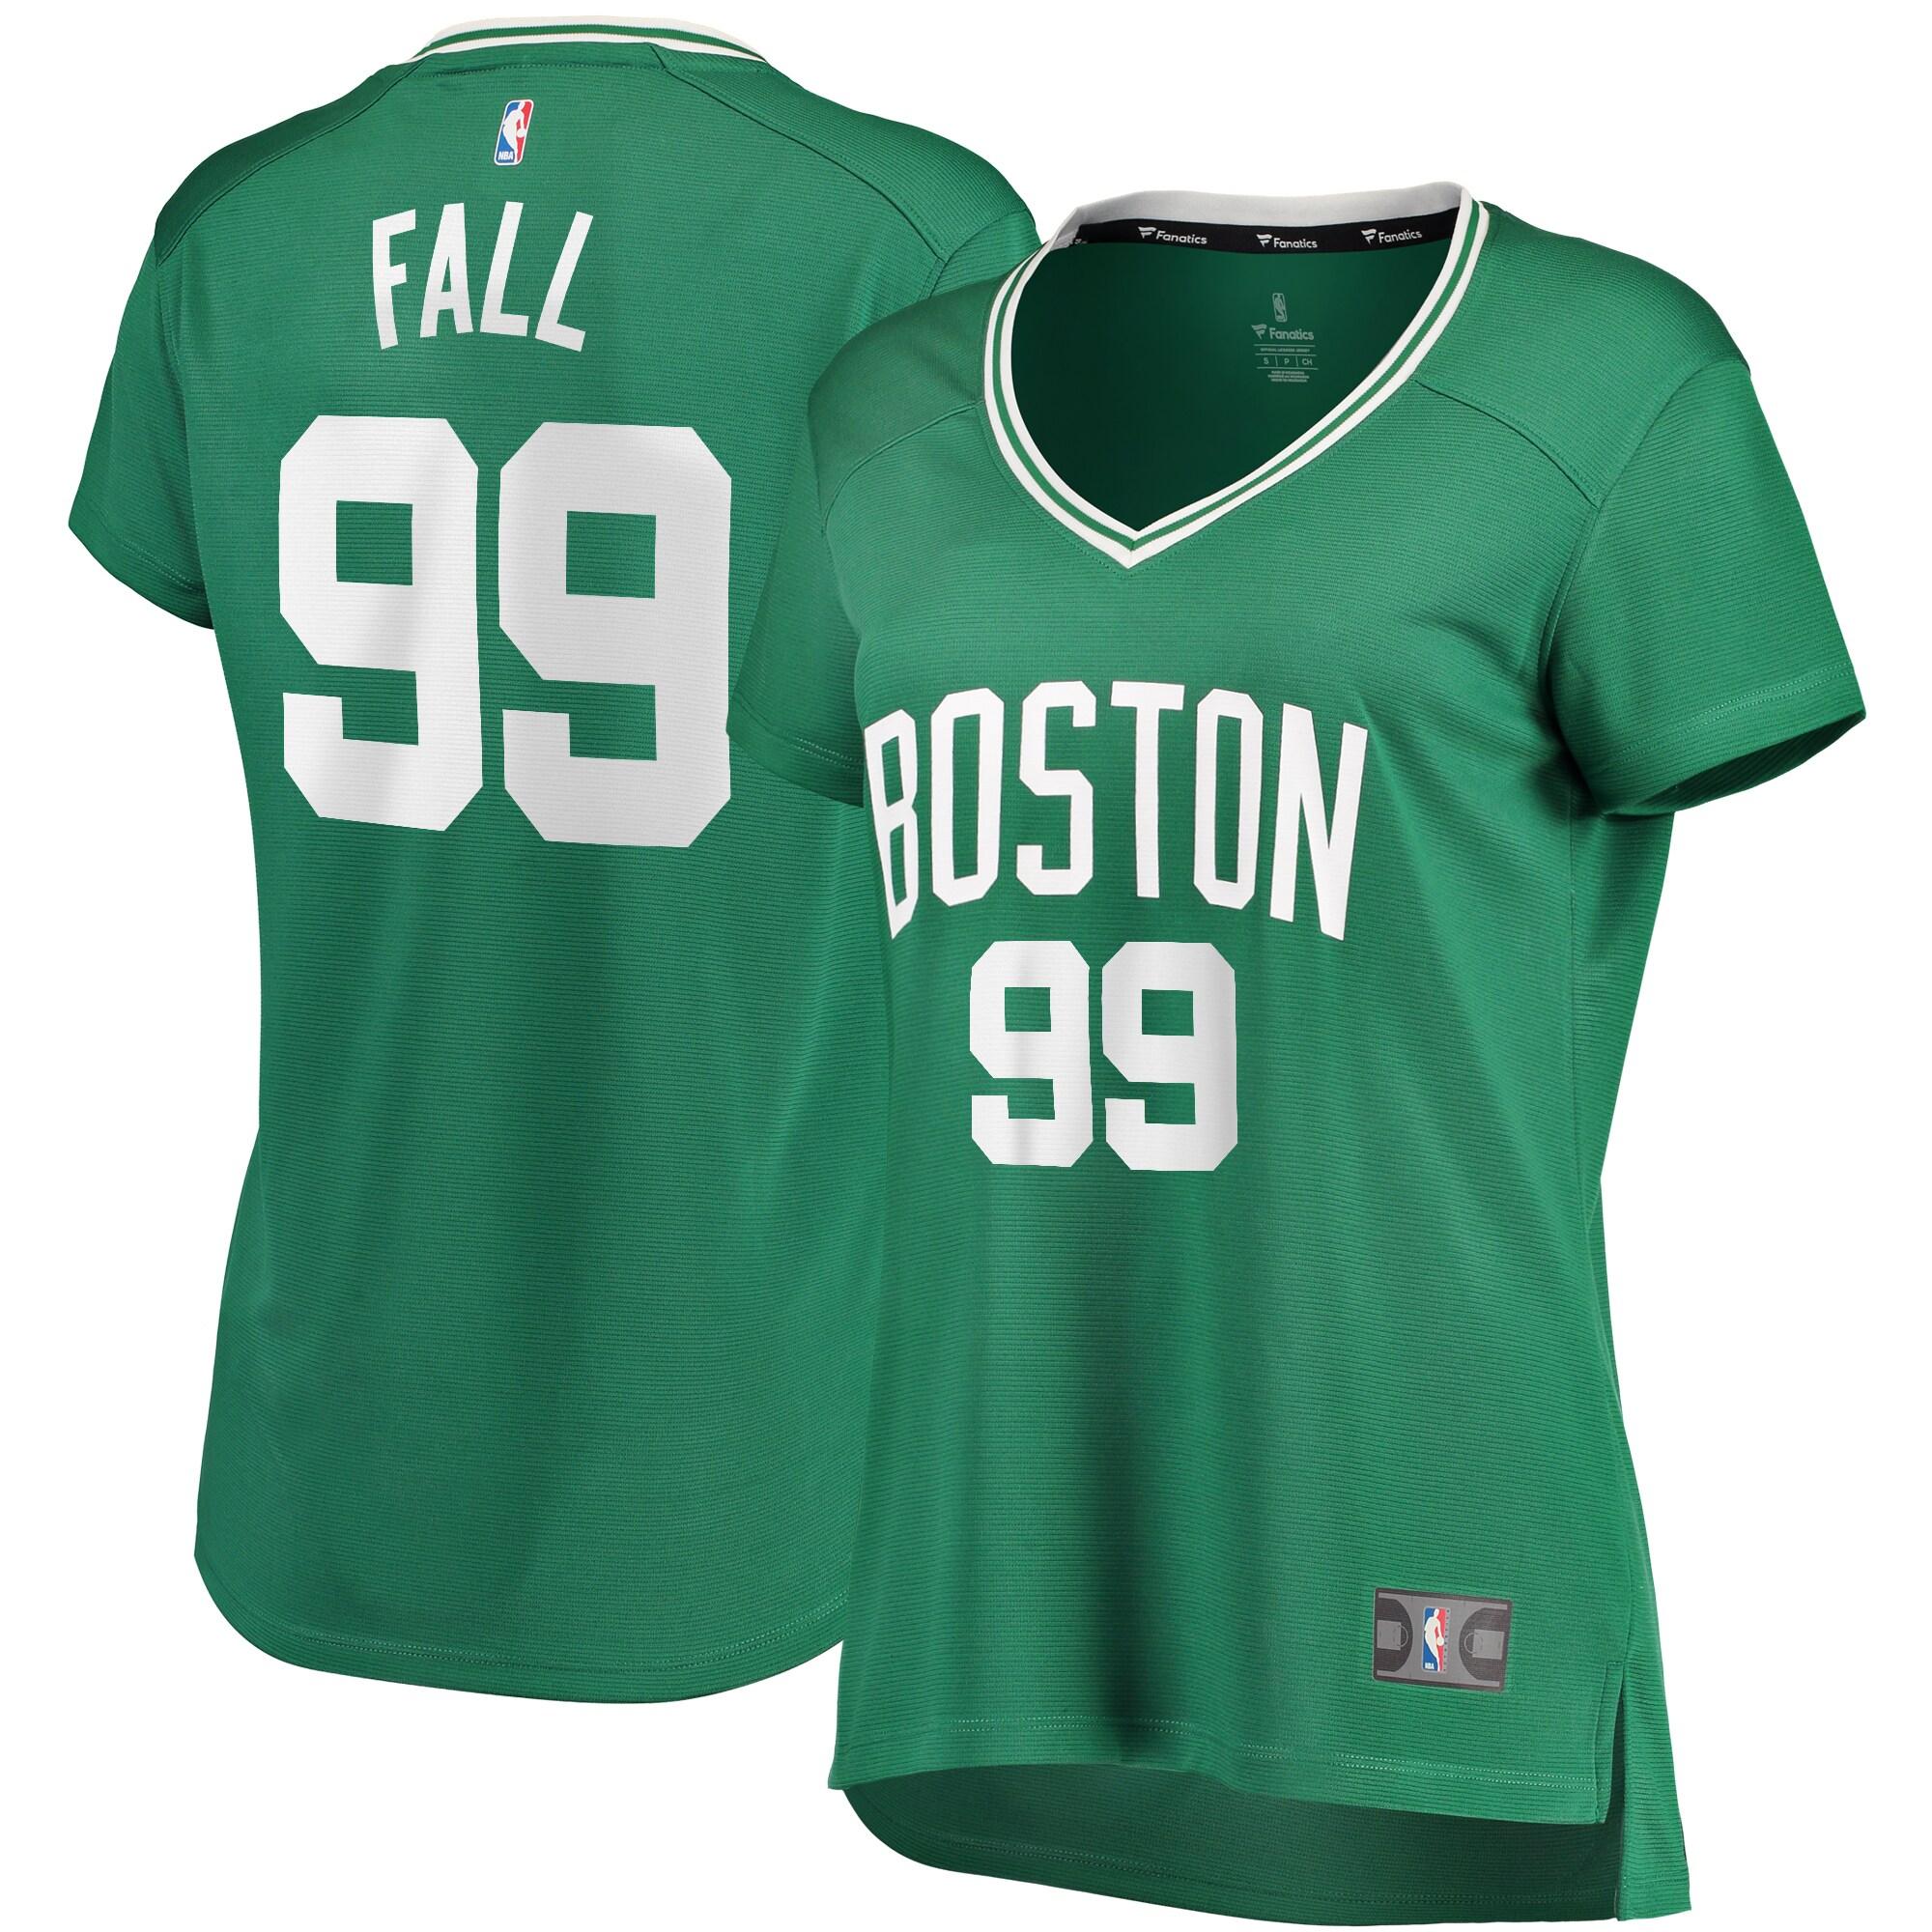 Tacko Fall Boston Celtics Fanatics Branded Women's 2019/20 Fast Break Replica Jersey Green - Icon Edition